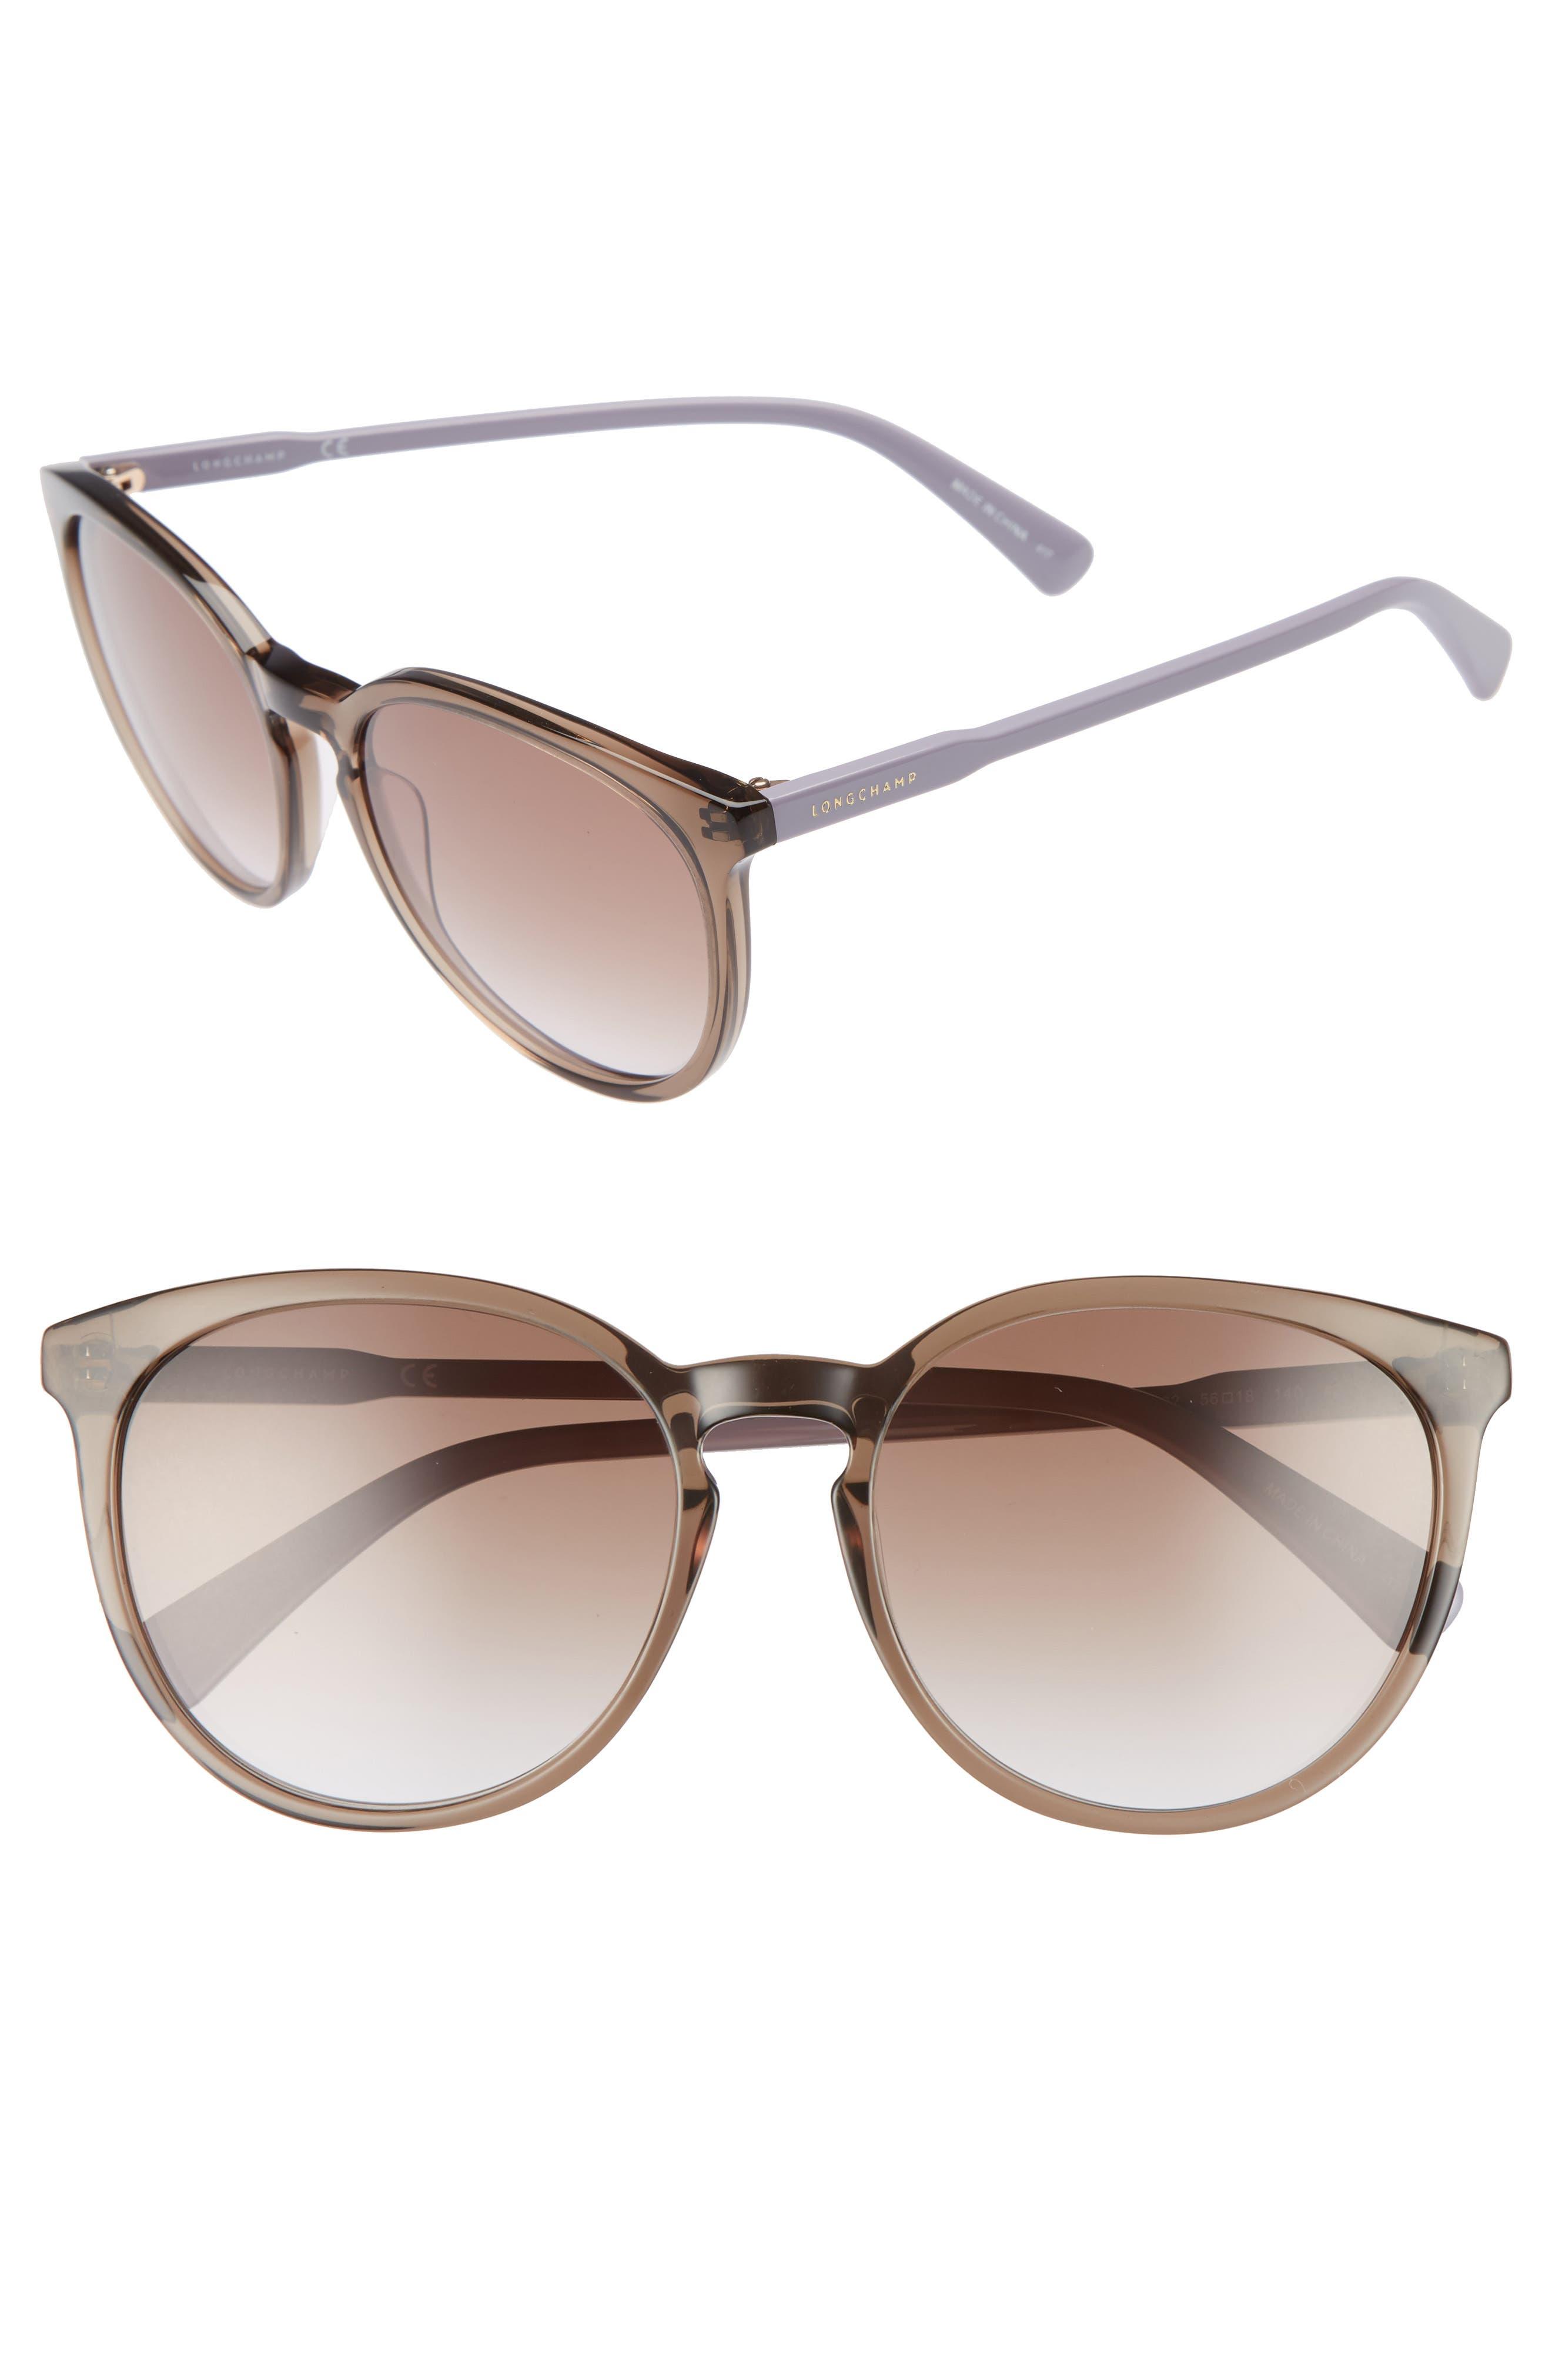 2dcae40149 Longchamp Sunglasses for Women